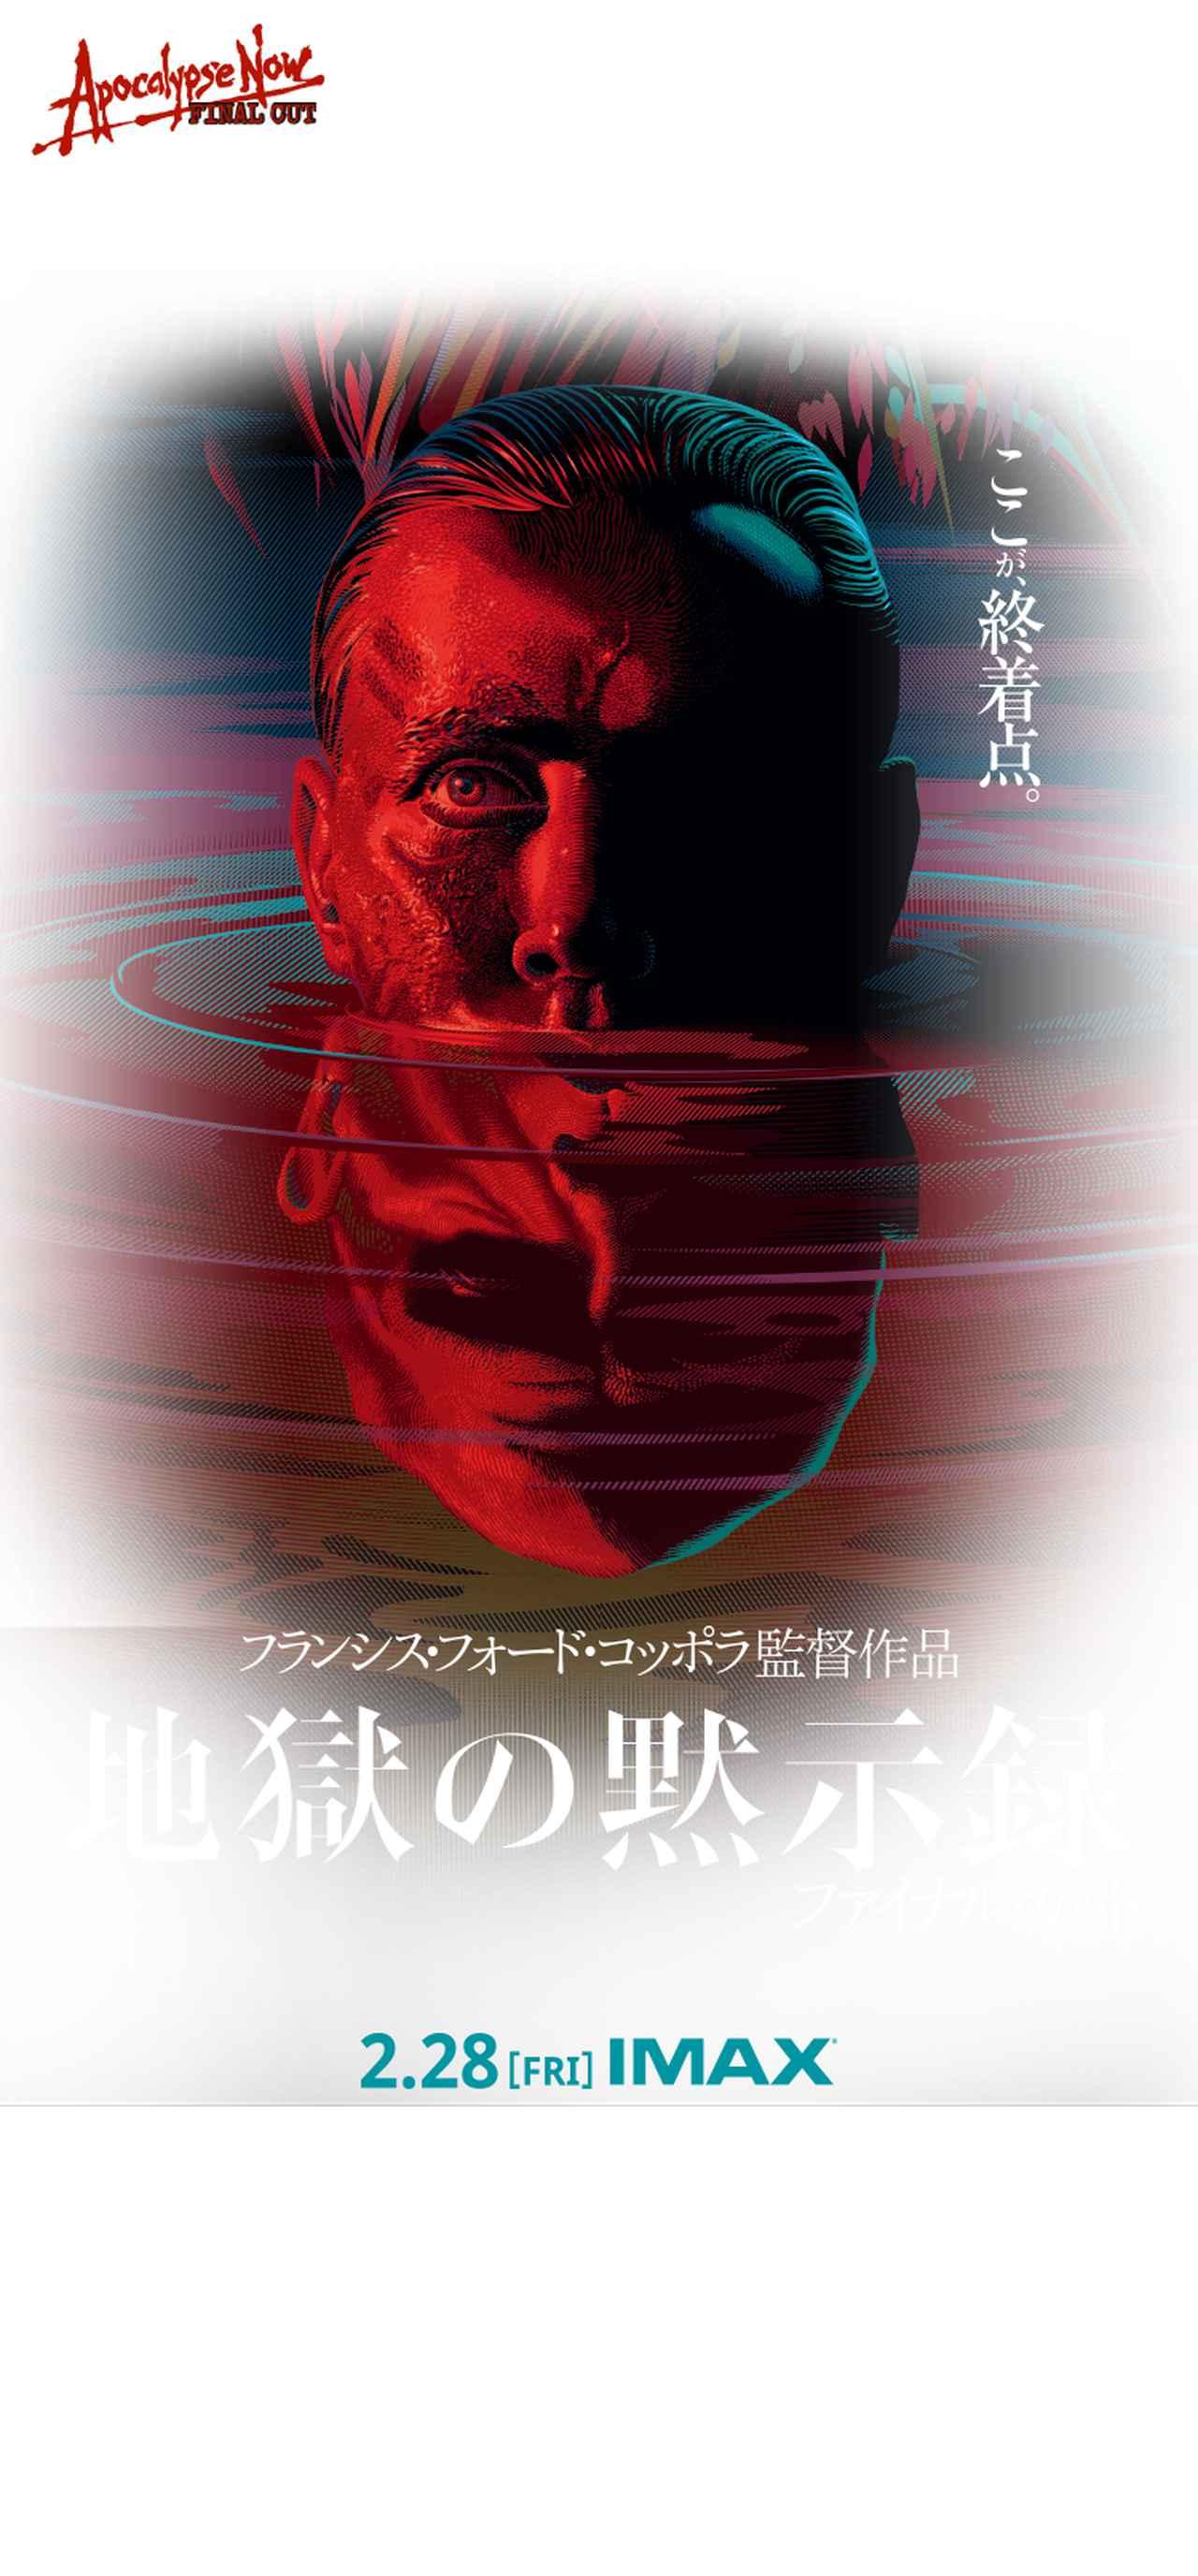 画像: 洋画「地獄の黙示録 ファイナルカット」公式サイト